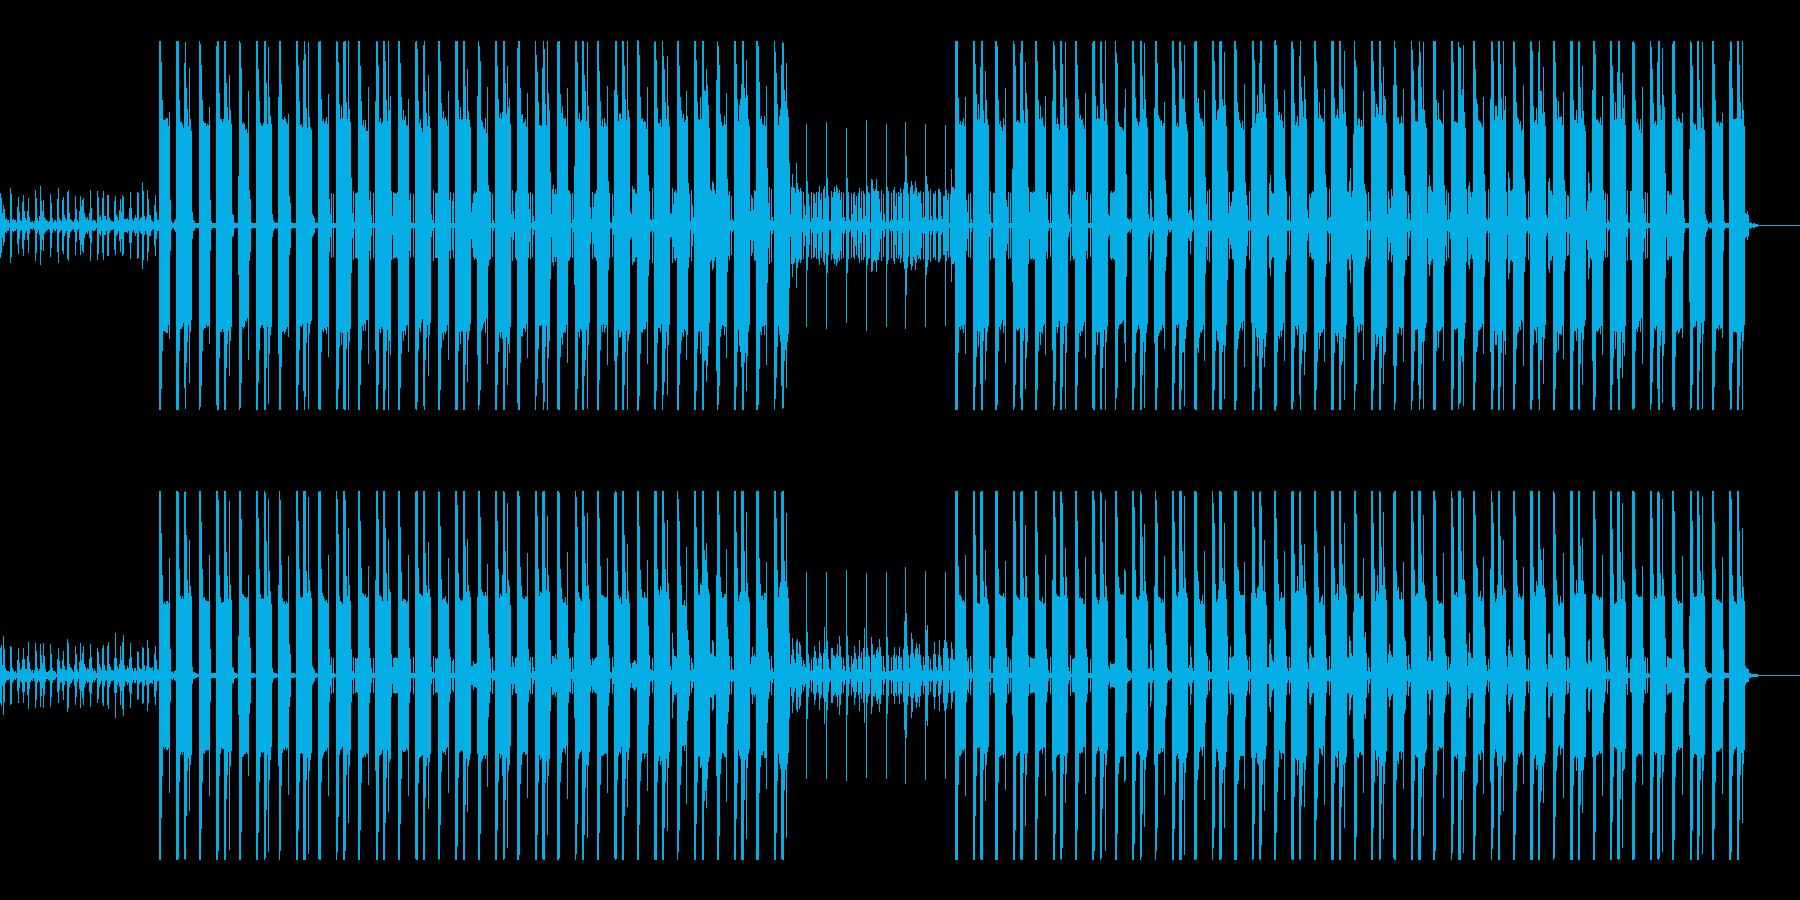 ヒップホップ 重低音 ウーファー の再生済みの波形